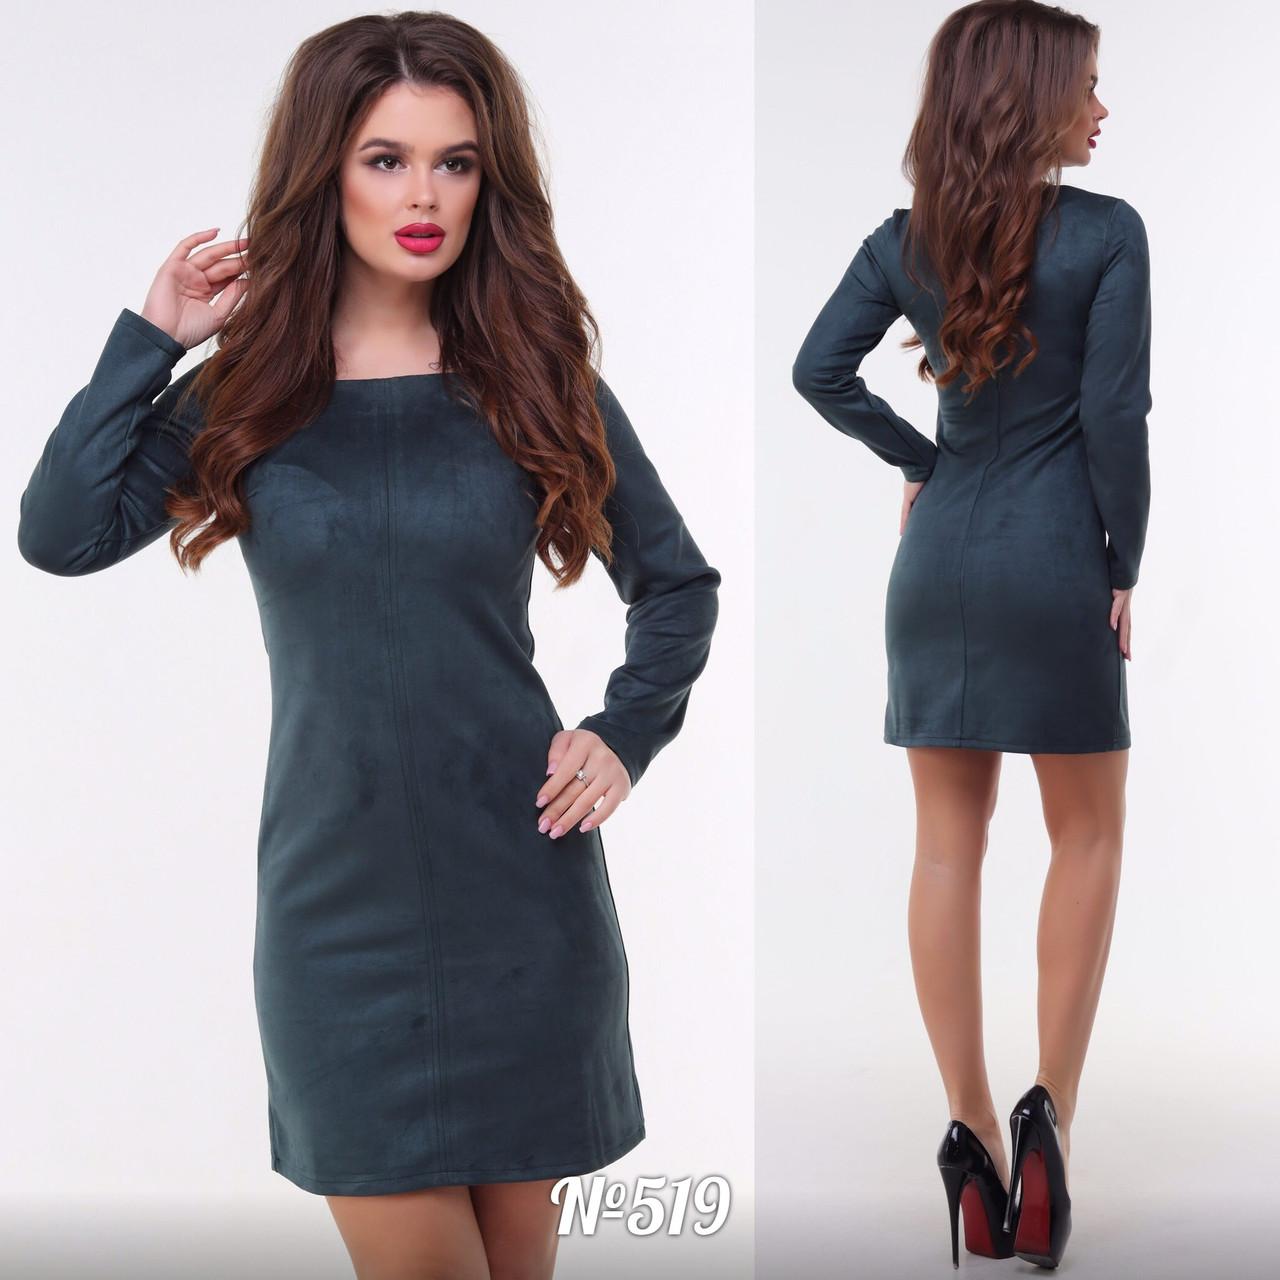 Платье мини в расцветках 3312  Интернет-магазин модной женской одежды оптом  и в розницу . Самые низкие цены в Украине. платья женские от